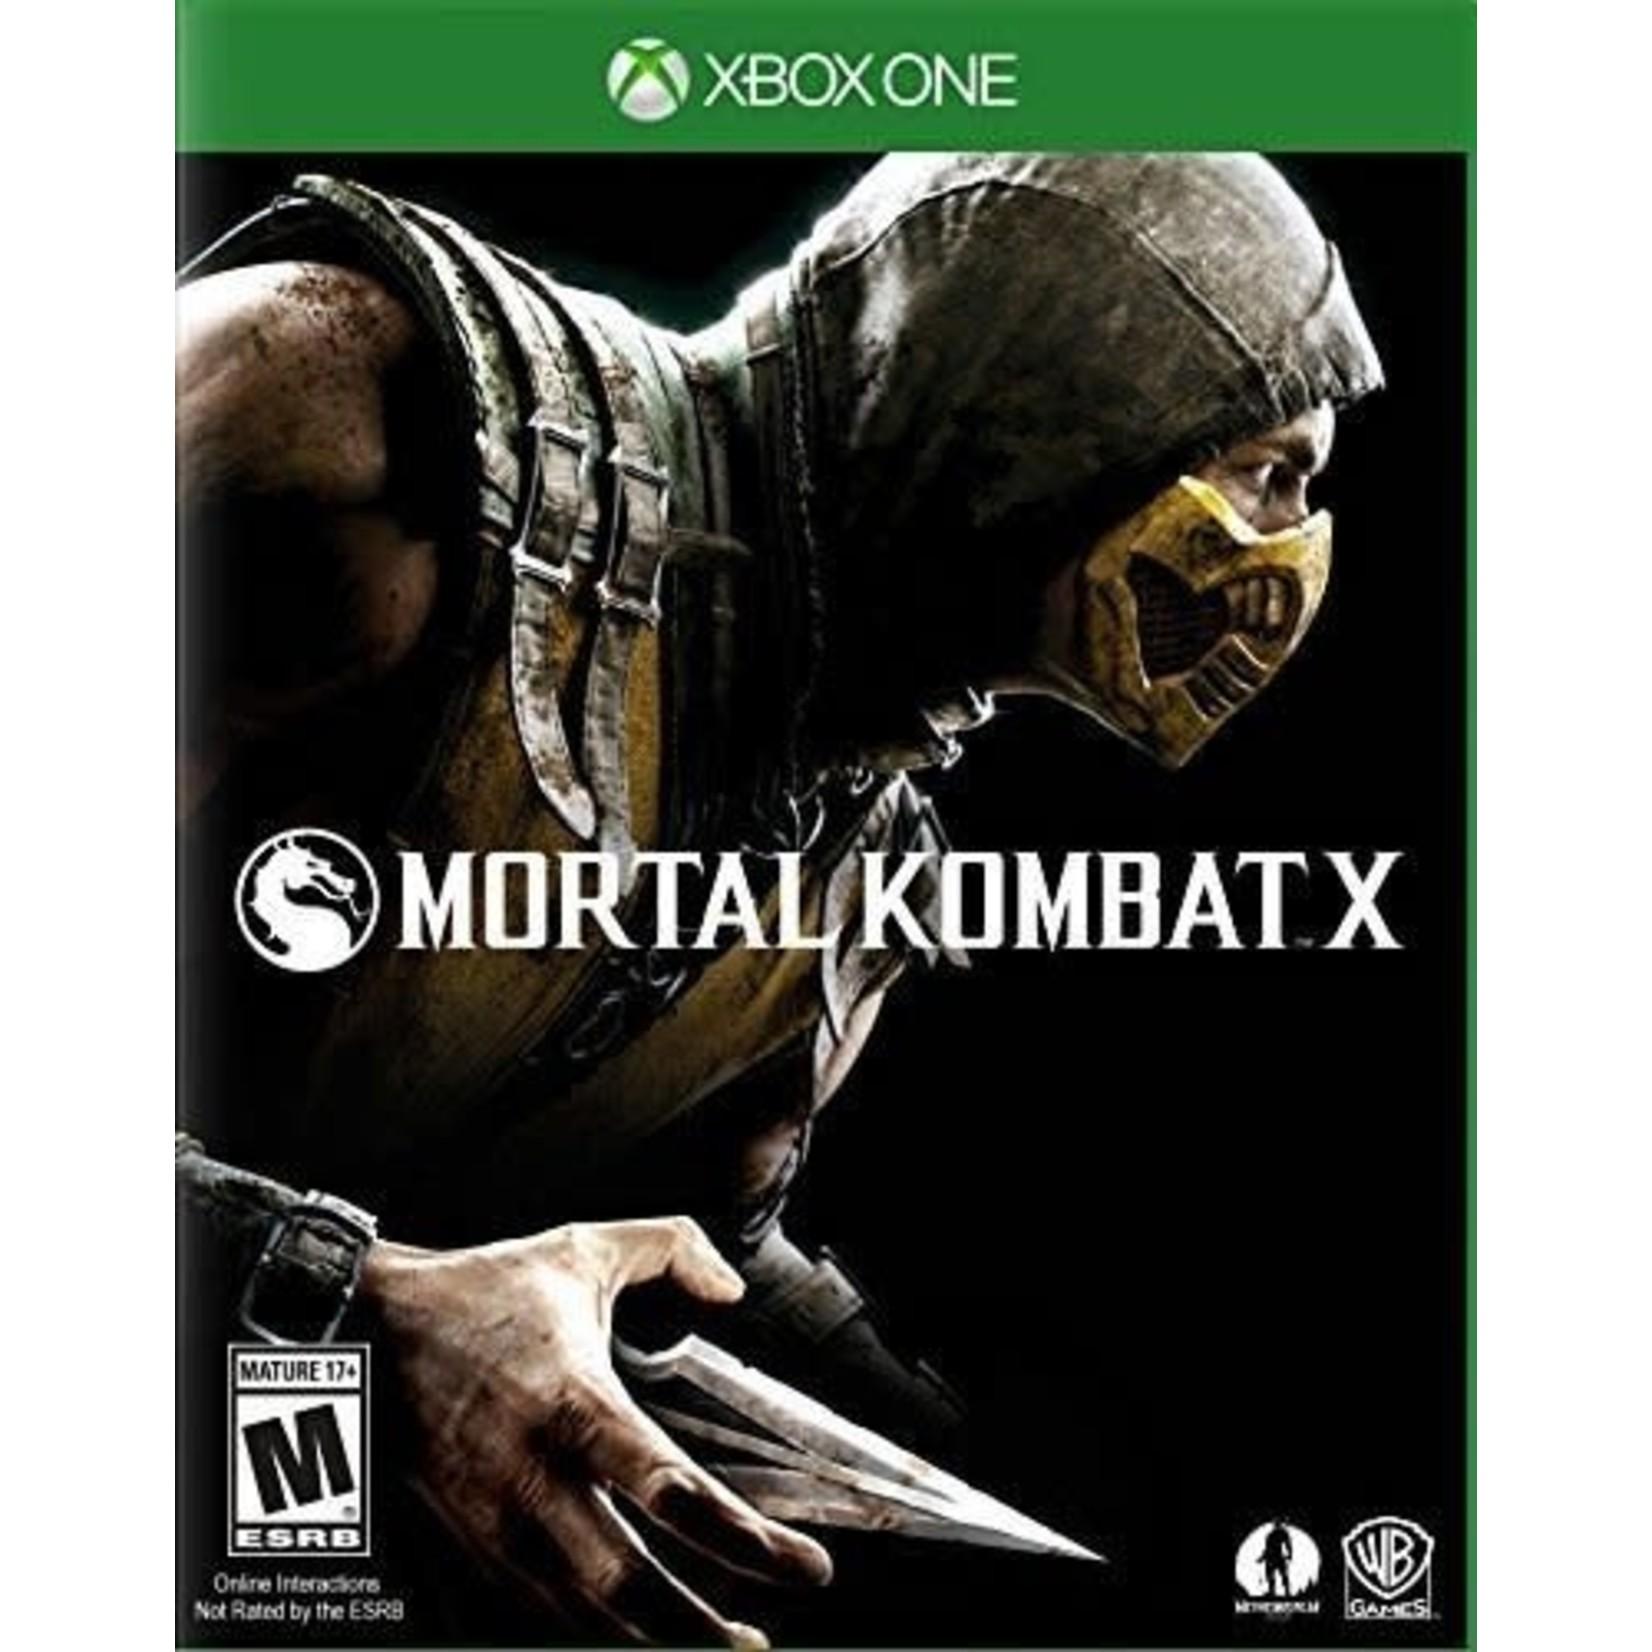 XB1-Mortal Kombat X